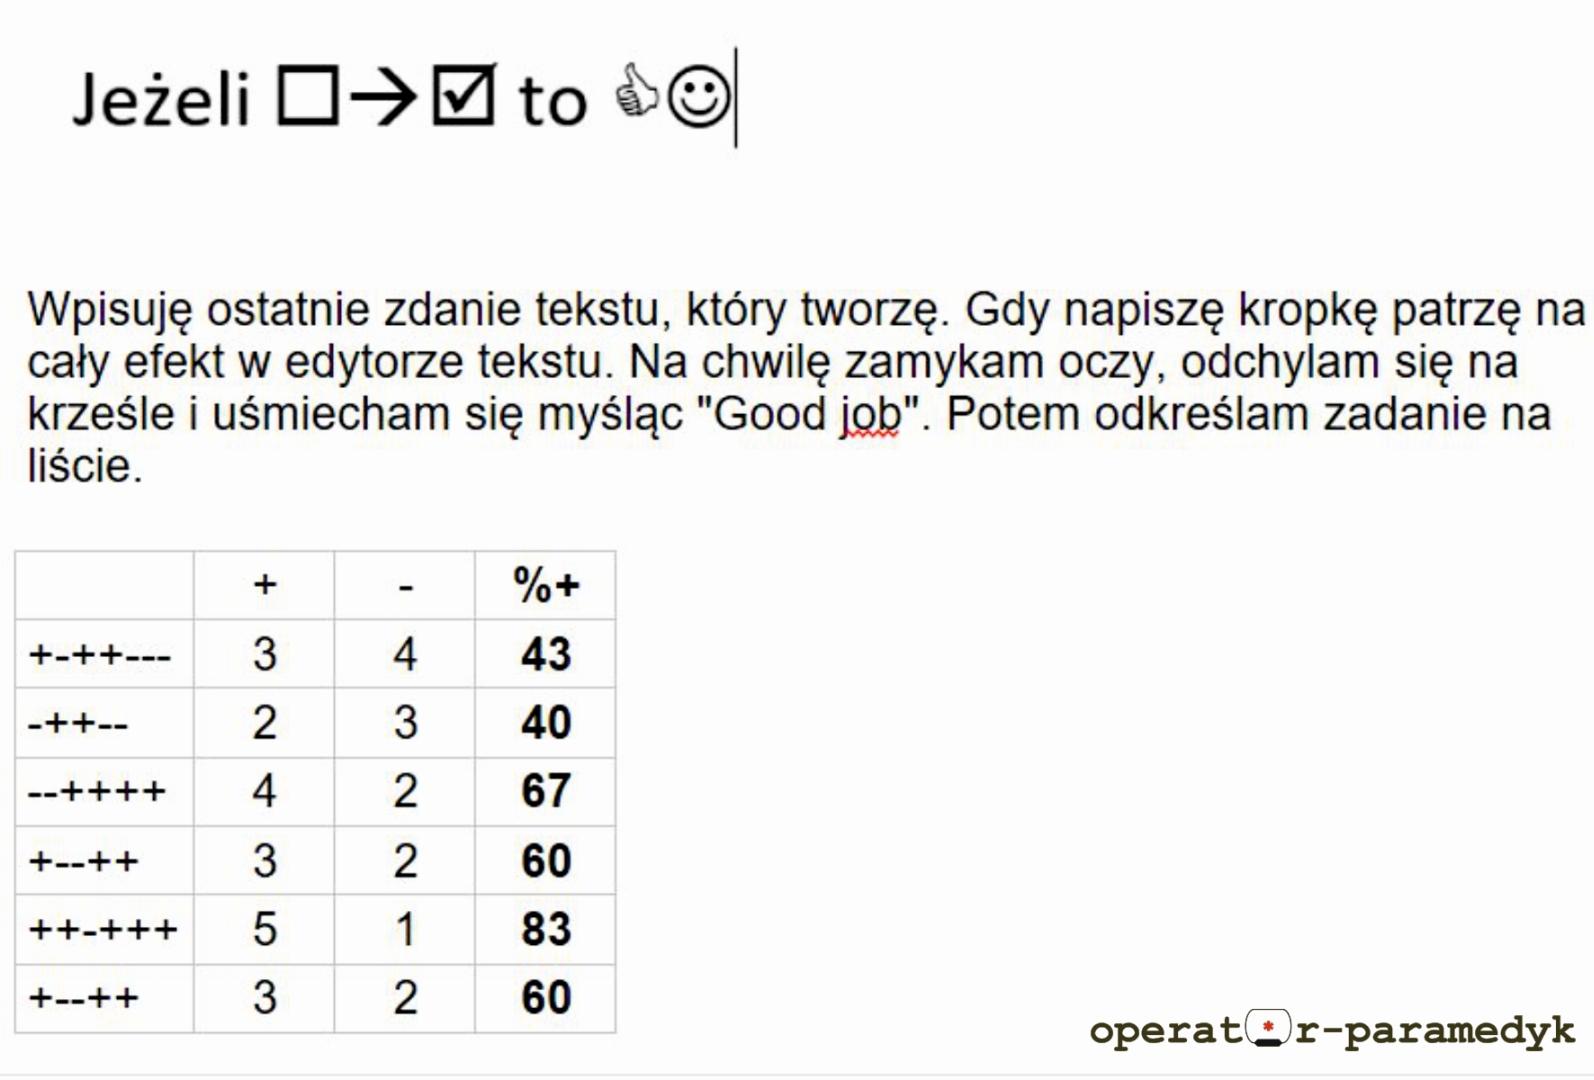 opis nawyku, który chcę wykreować, CC-BY-NC, operator-paramedyk